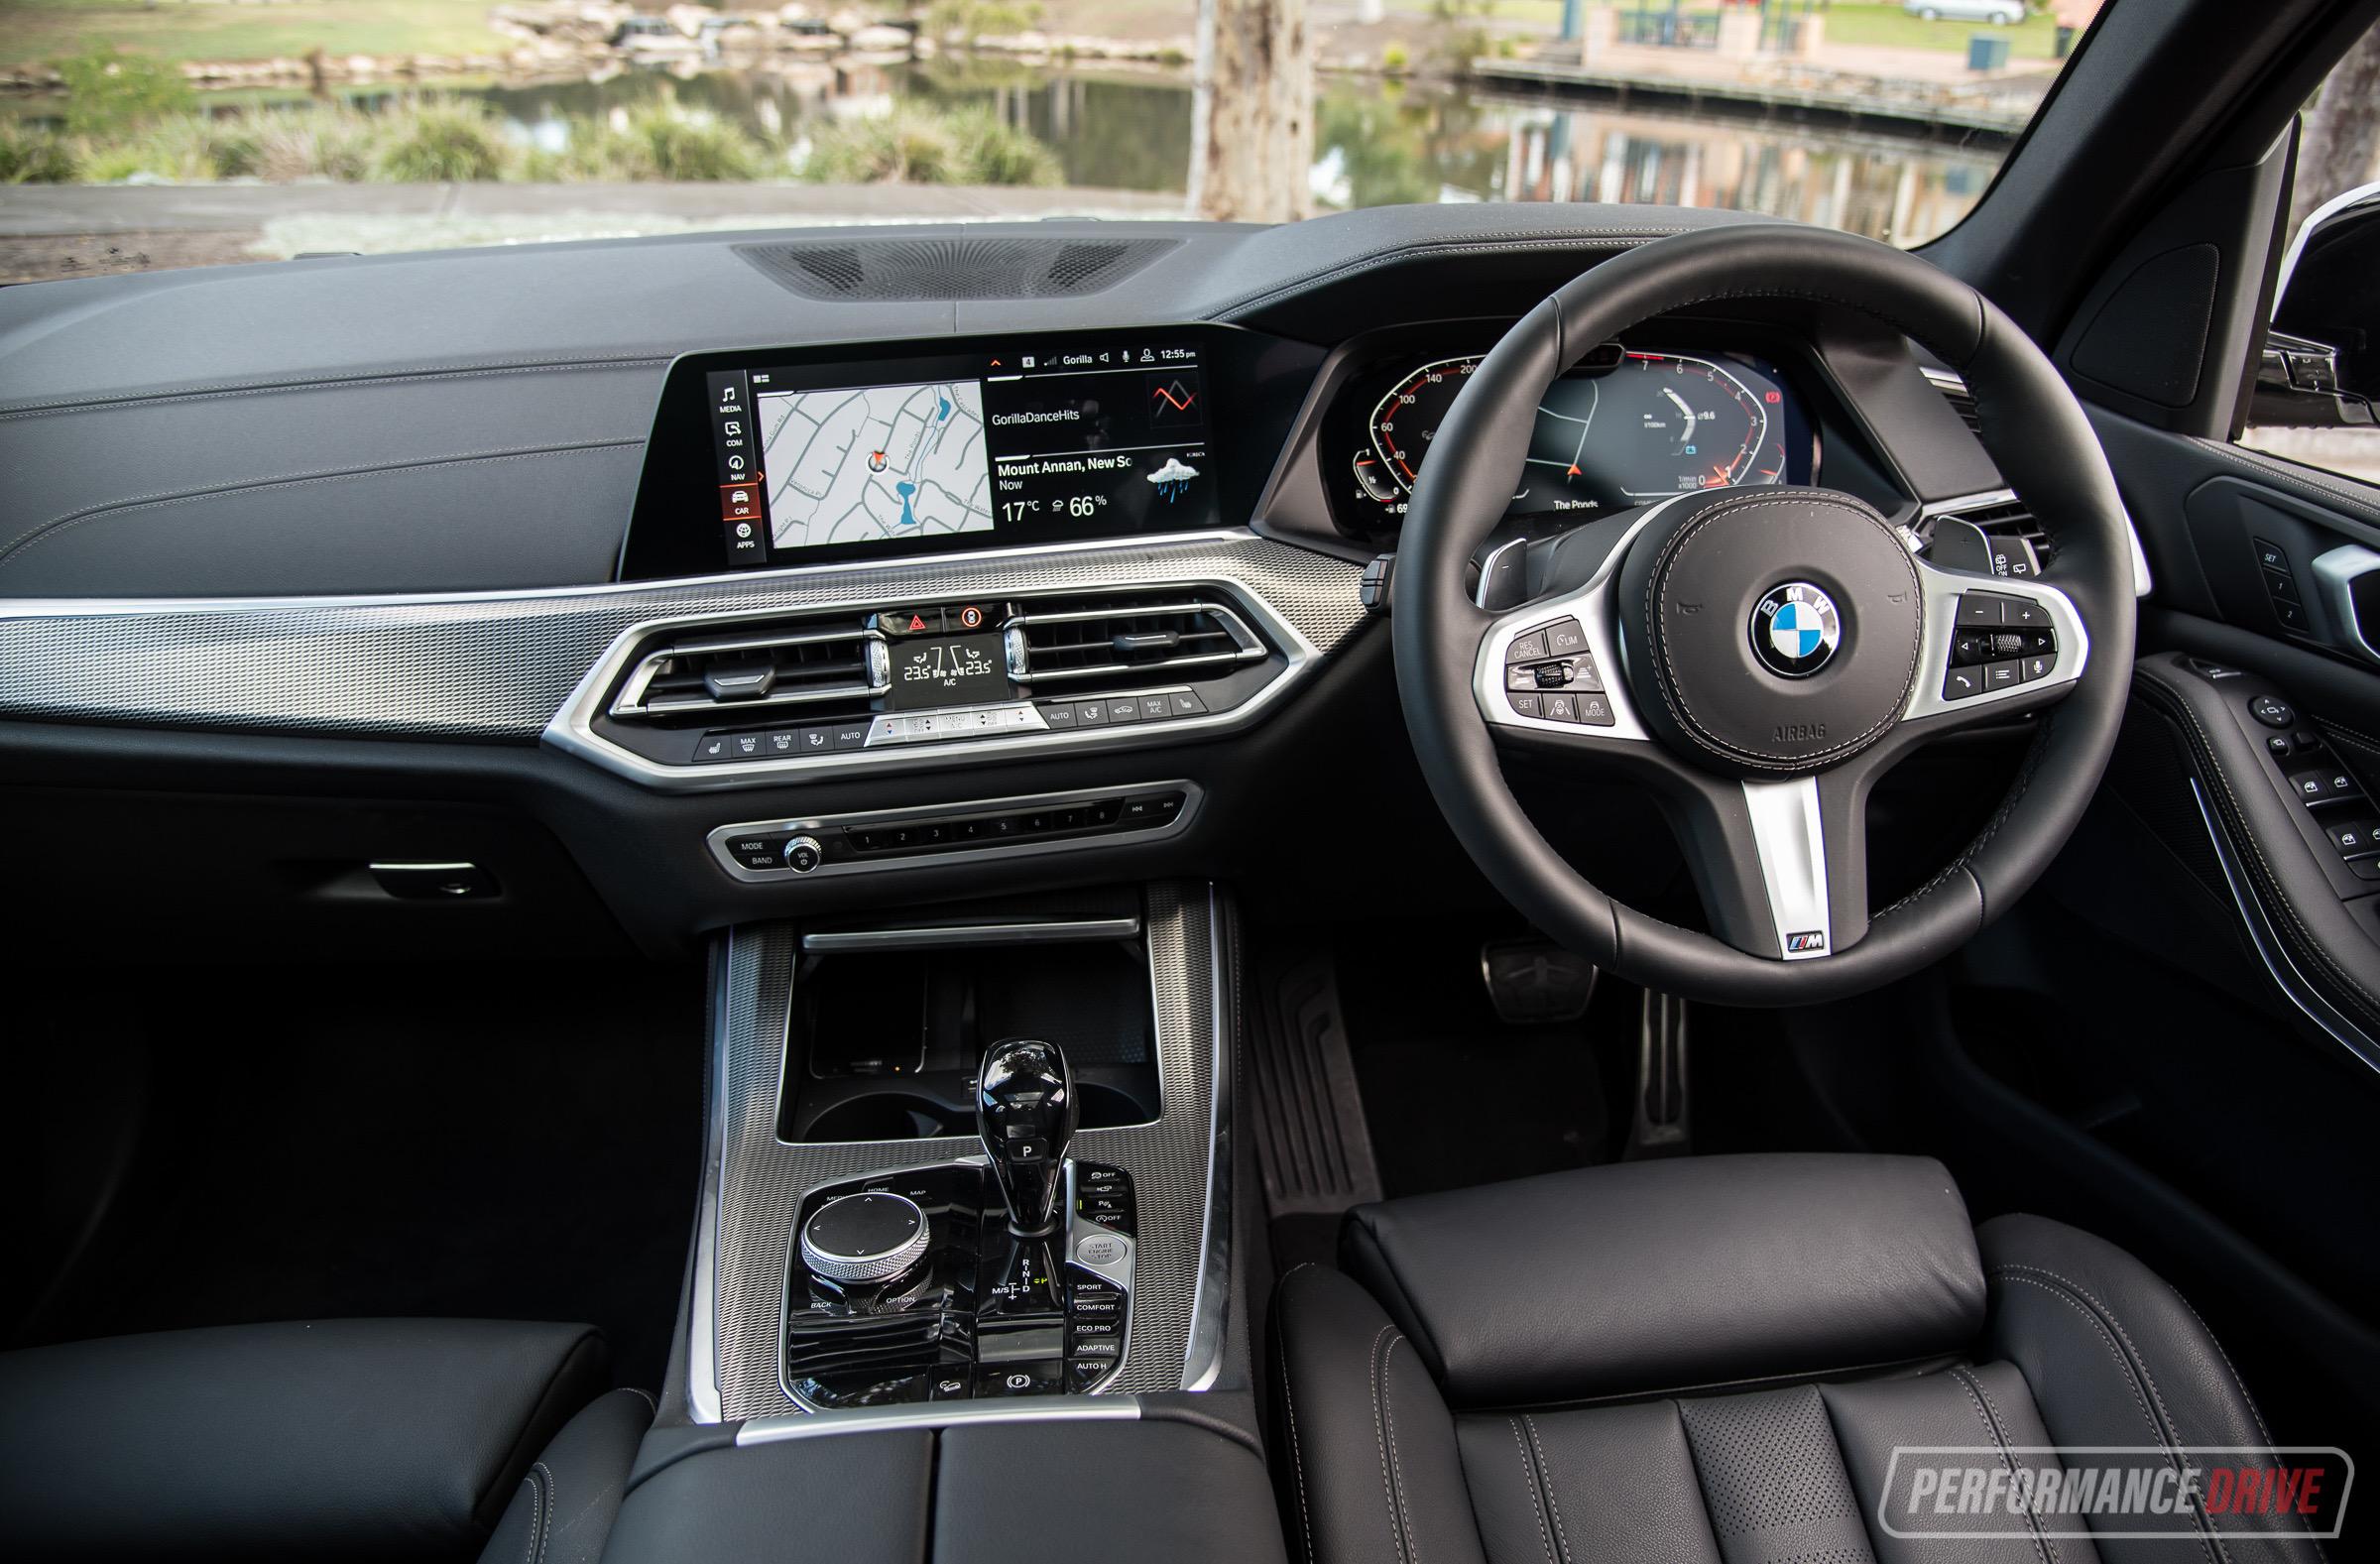 2019 Bmw X5 Review Xdrive30d Xdrive40i Video